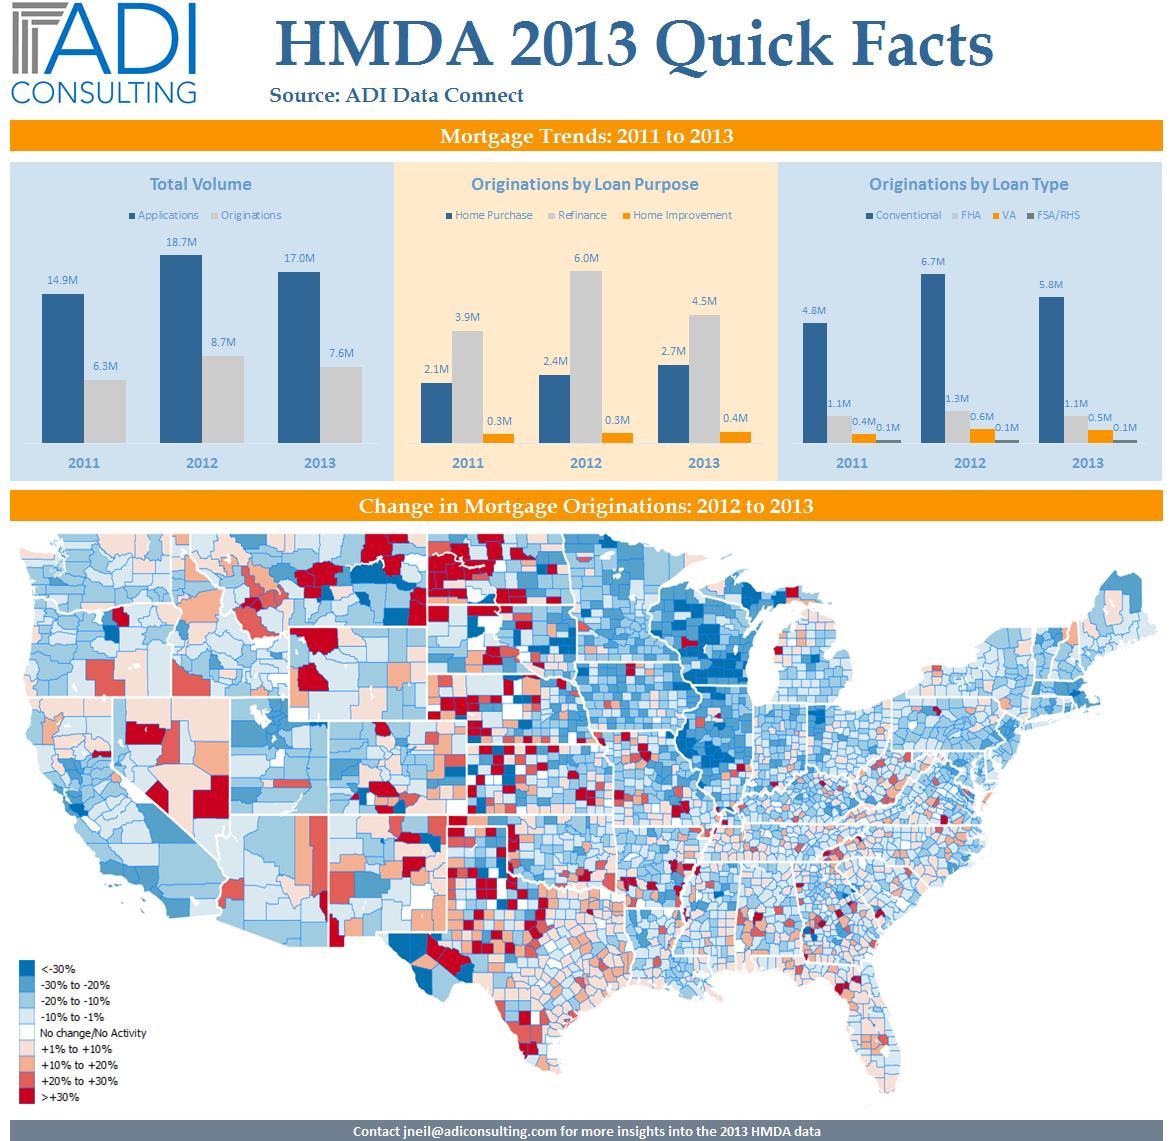 2013 HMDA Update